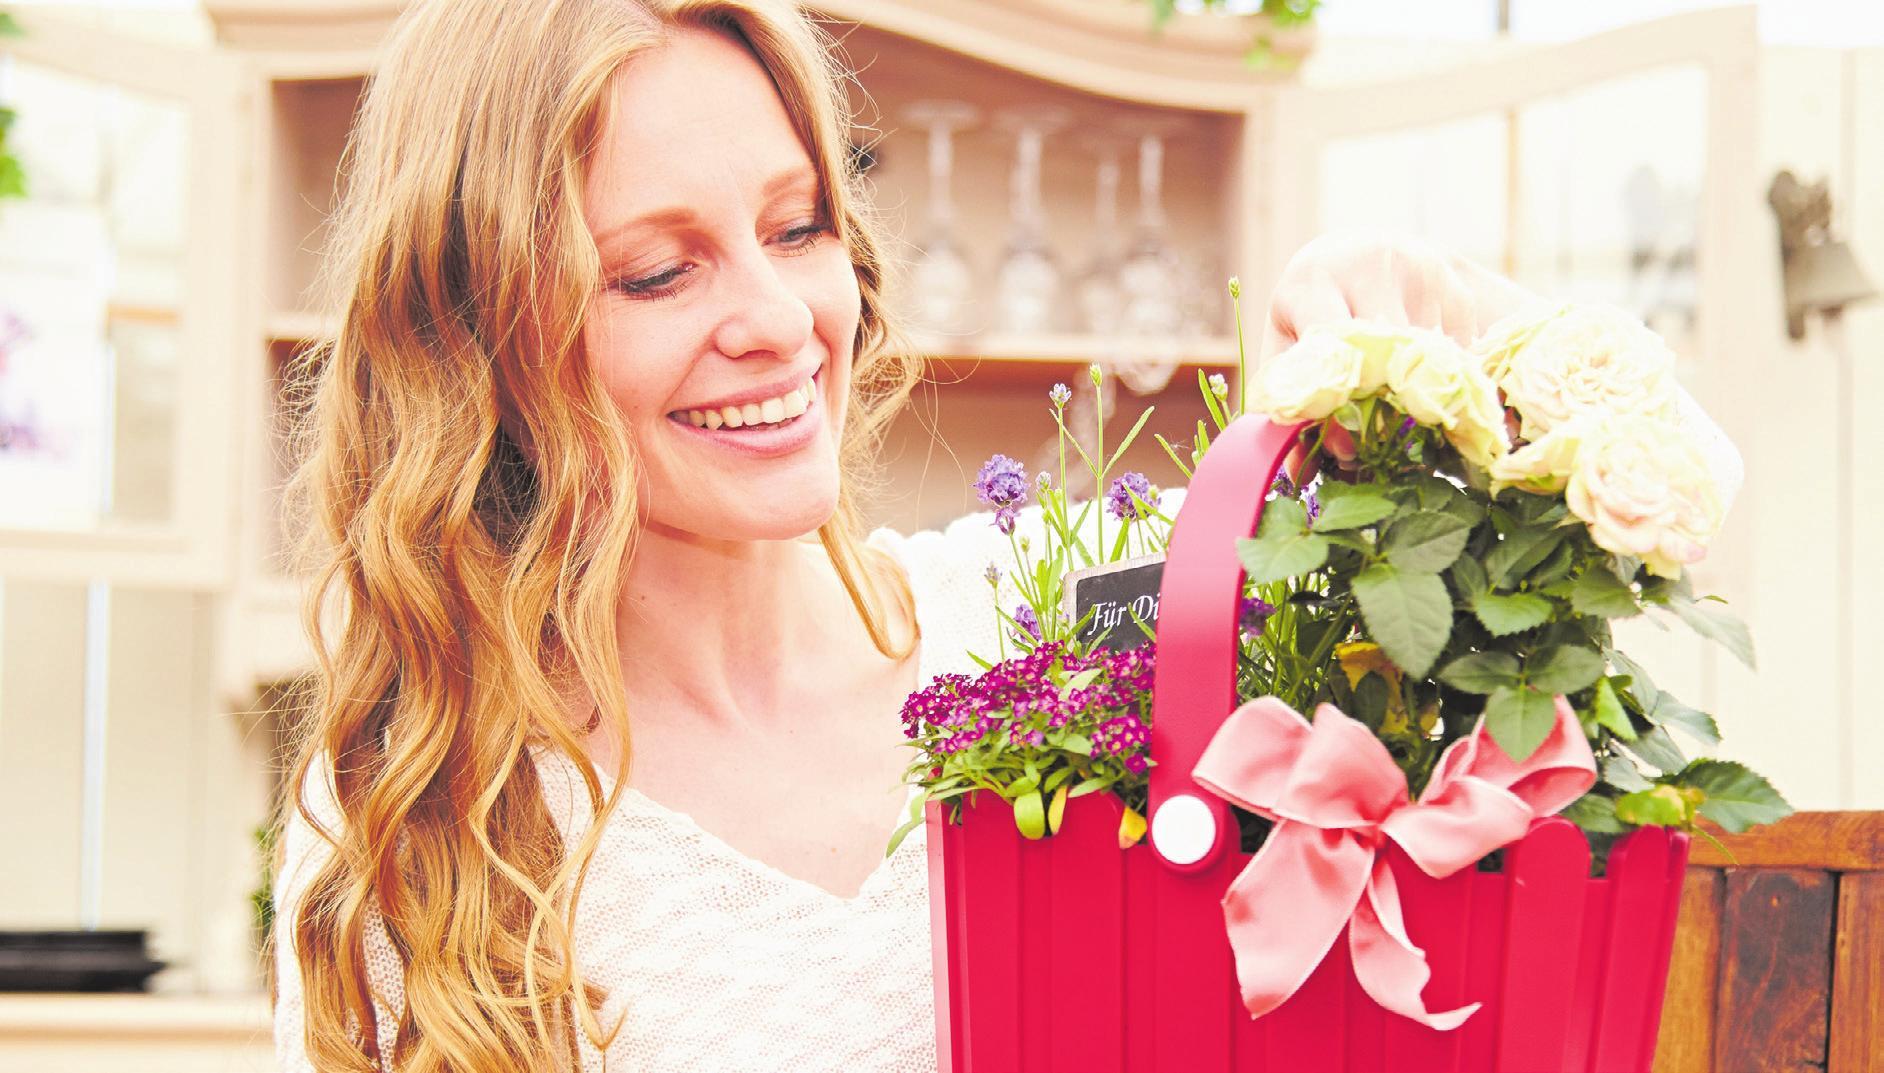 """Schöner Ersatz für eine Umarmung: Pflanzen und Blumen zum Muttertag bringen Freude ins Haus. Da darf der Begriff """"Mutter"""" diesmal ruhig etwas weiter gefasst werden. Foto: GMH/BVE"""